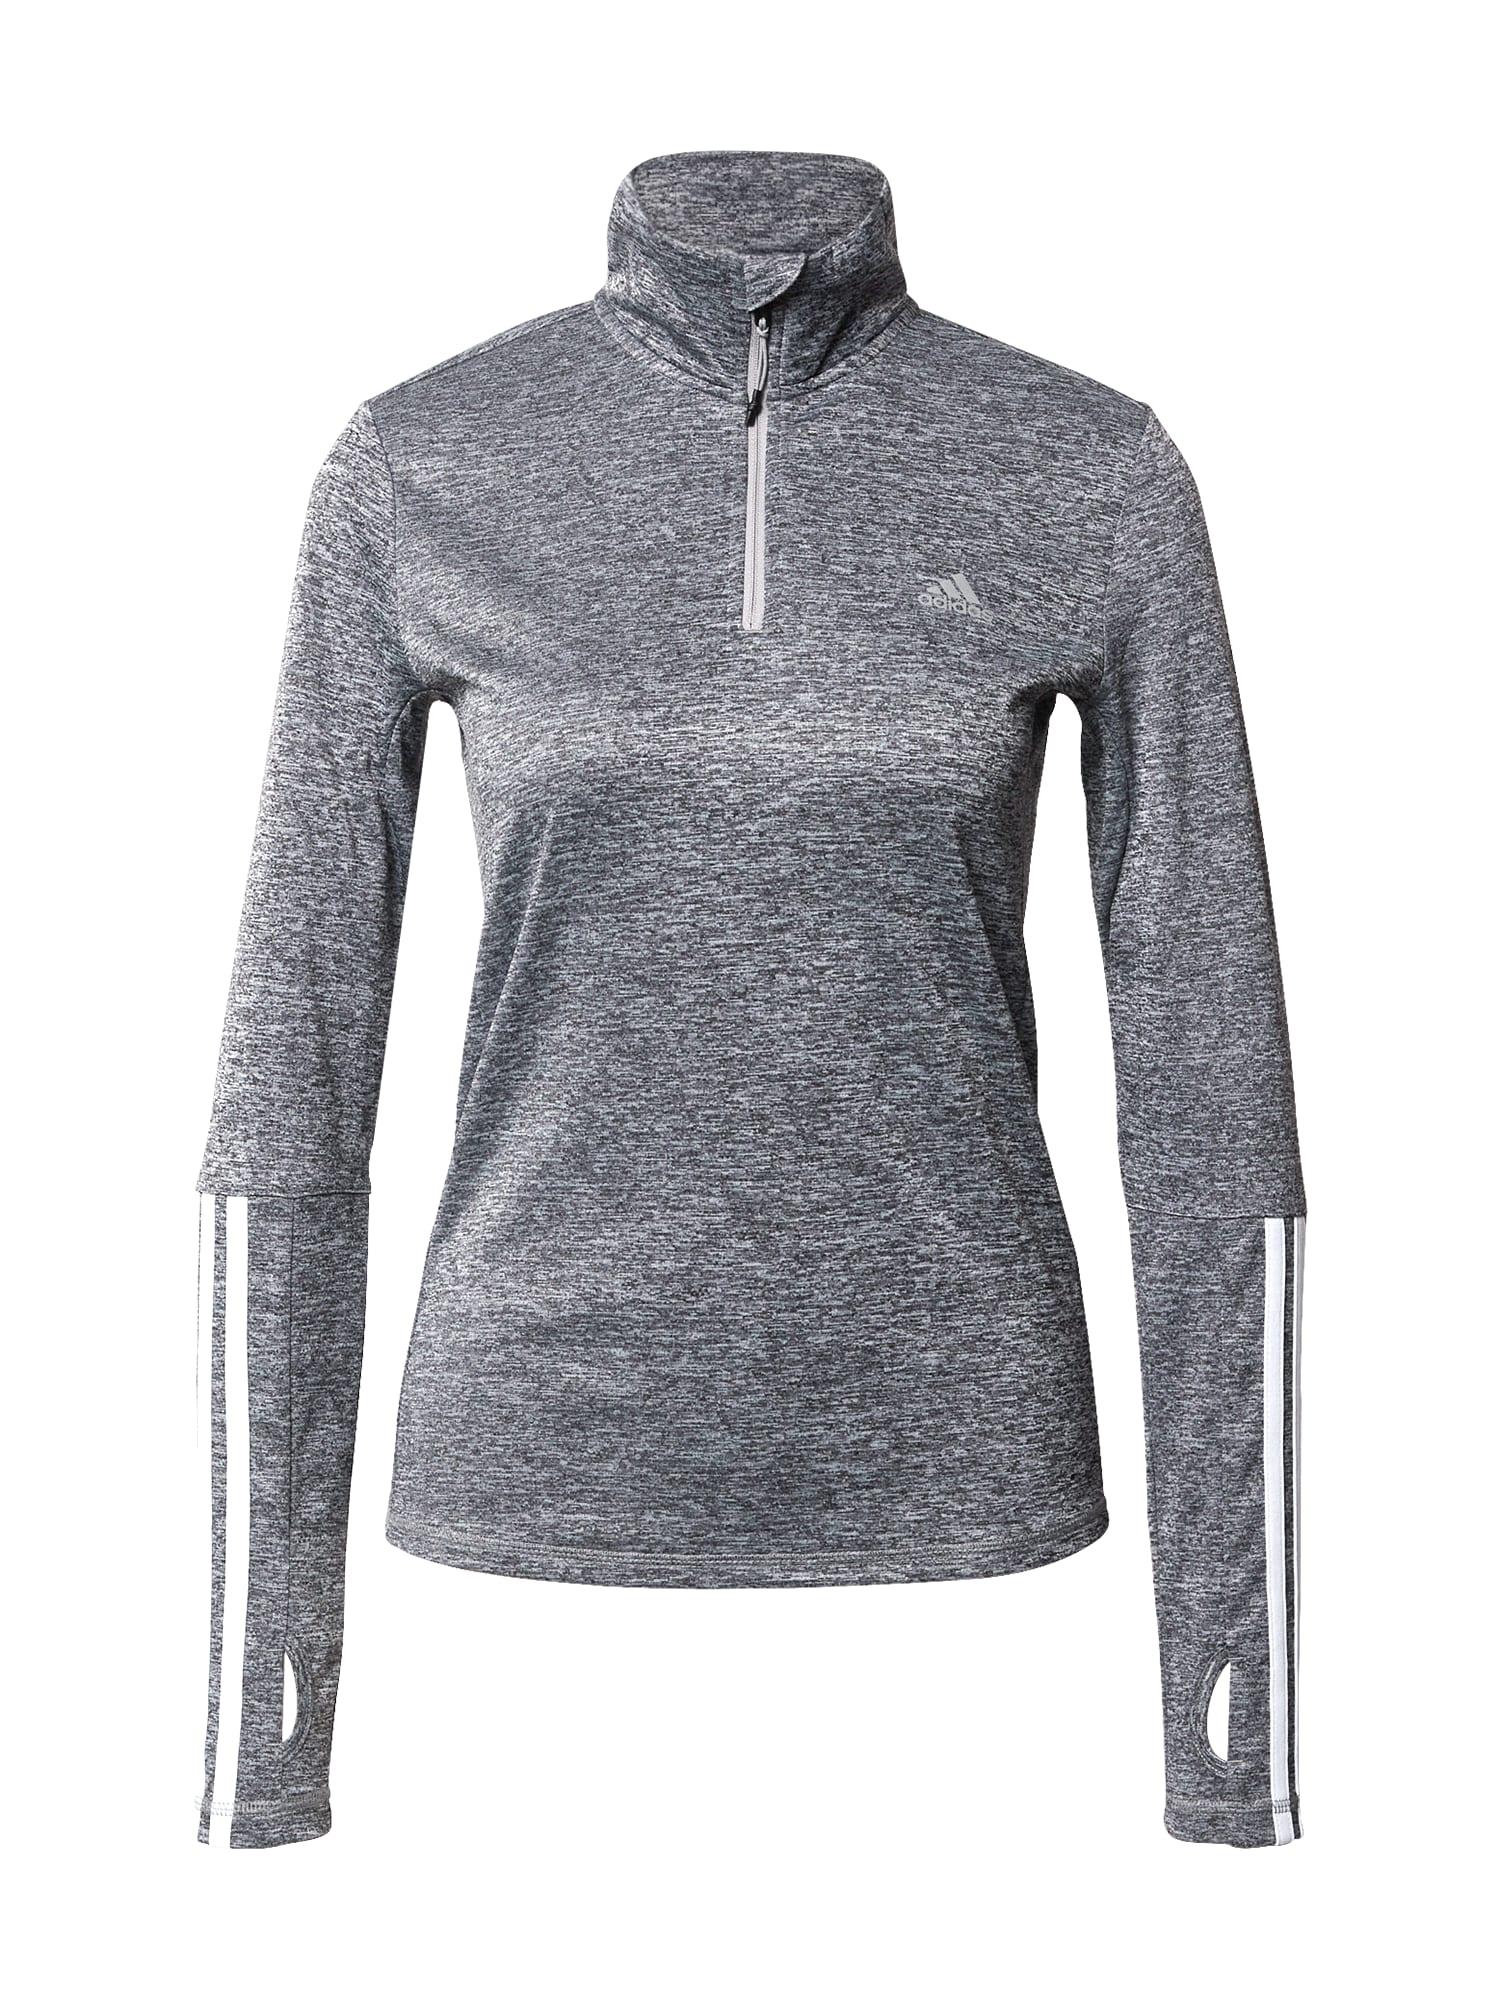 ADIDAS PERFORMANCE Sportiniai marškinėliai pilka / balta